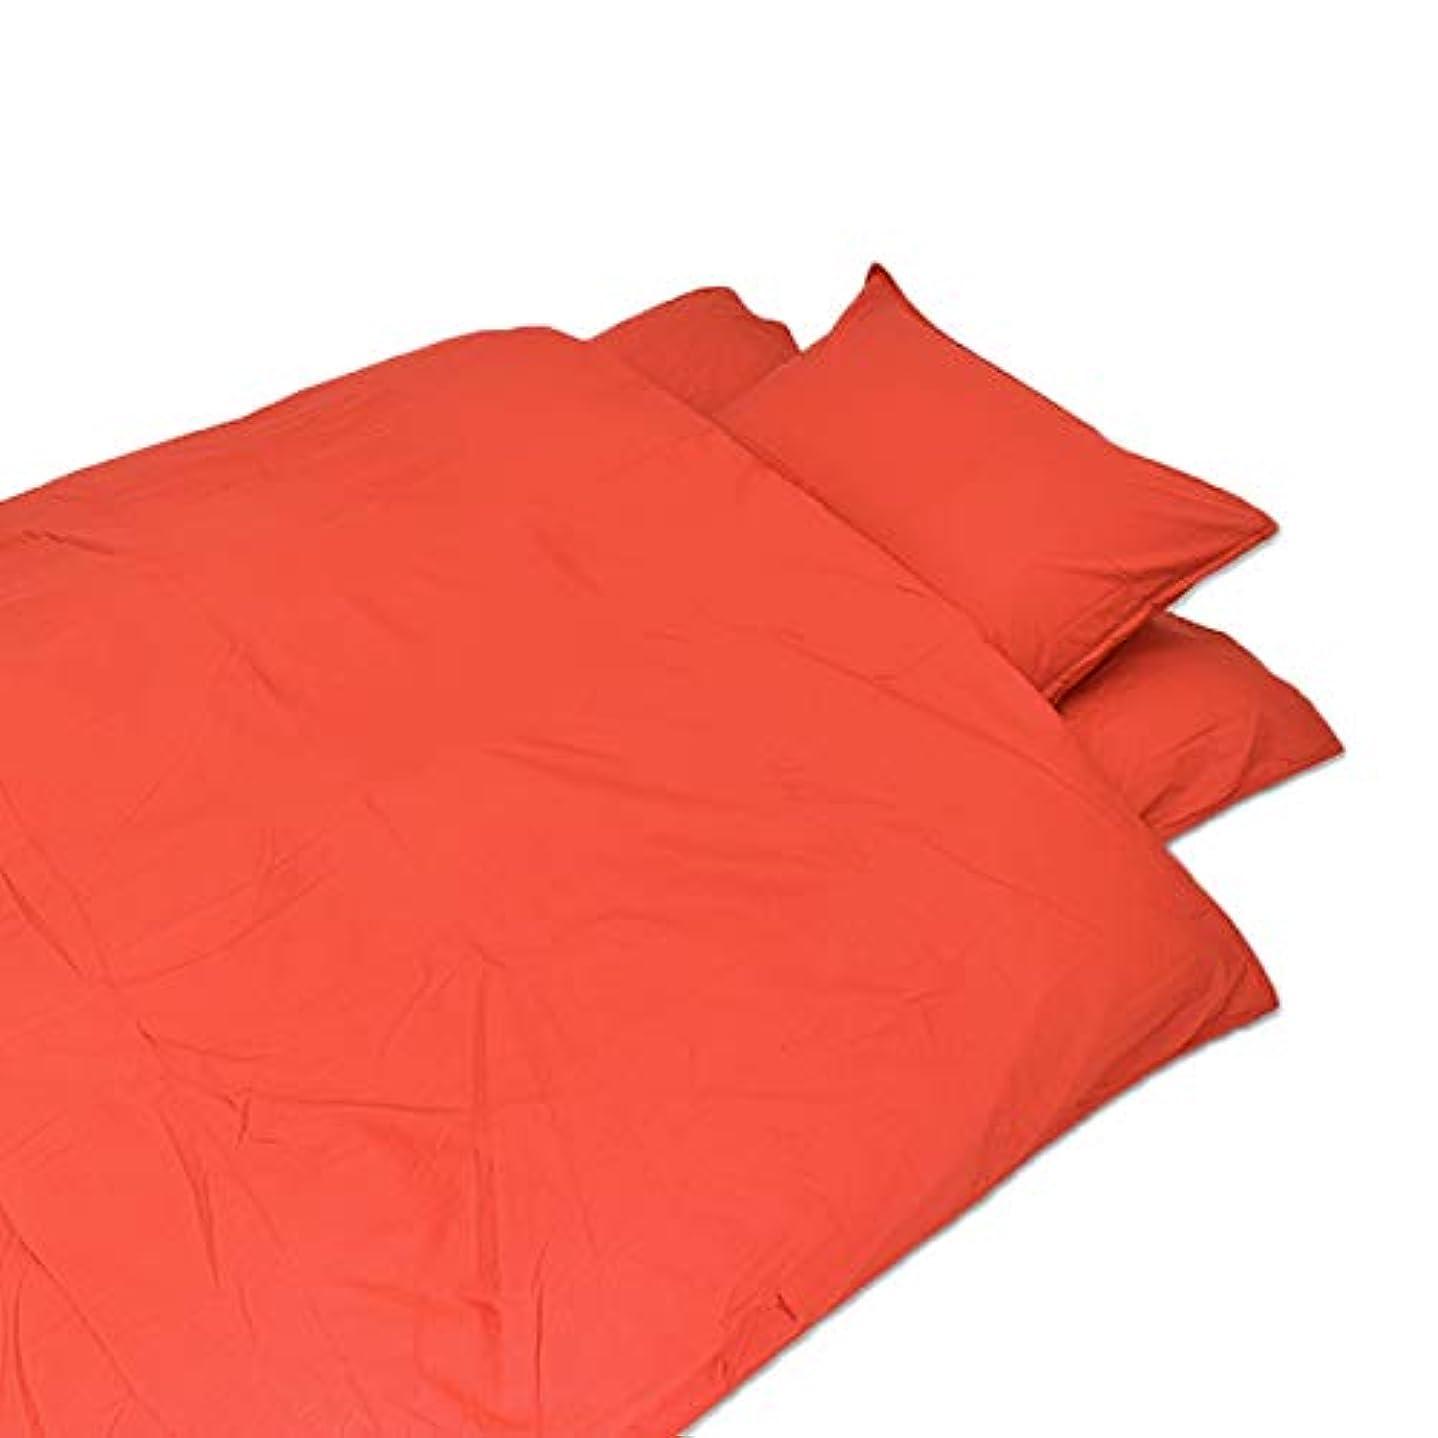 ヒューバートハドソン広く例外「アレルガード」 高密度生地使用 防ダニ シングル 150×210cm 花粉症 防ダニ 高密度生地 掛け布団カバー レッド